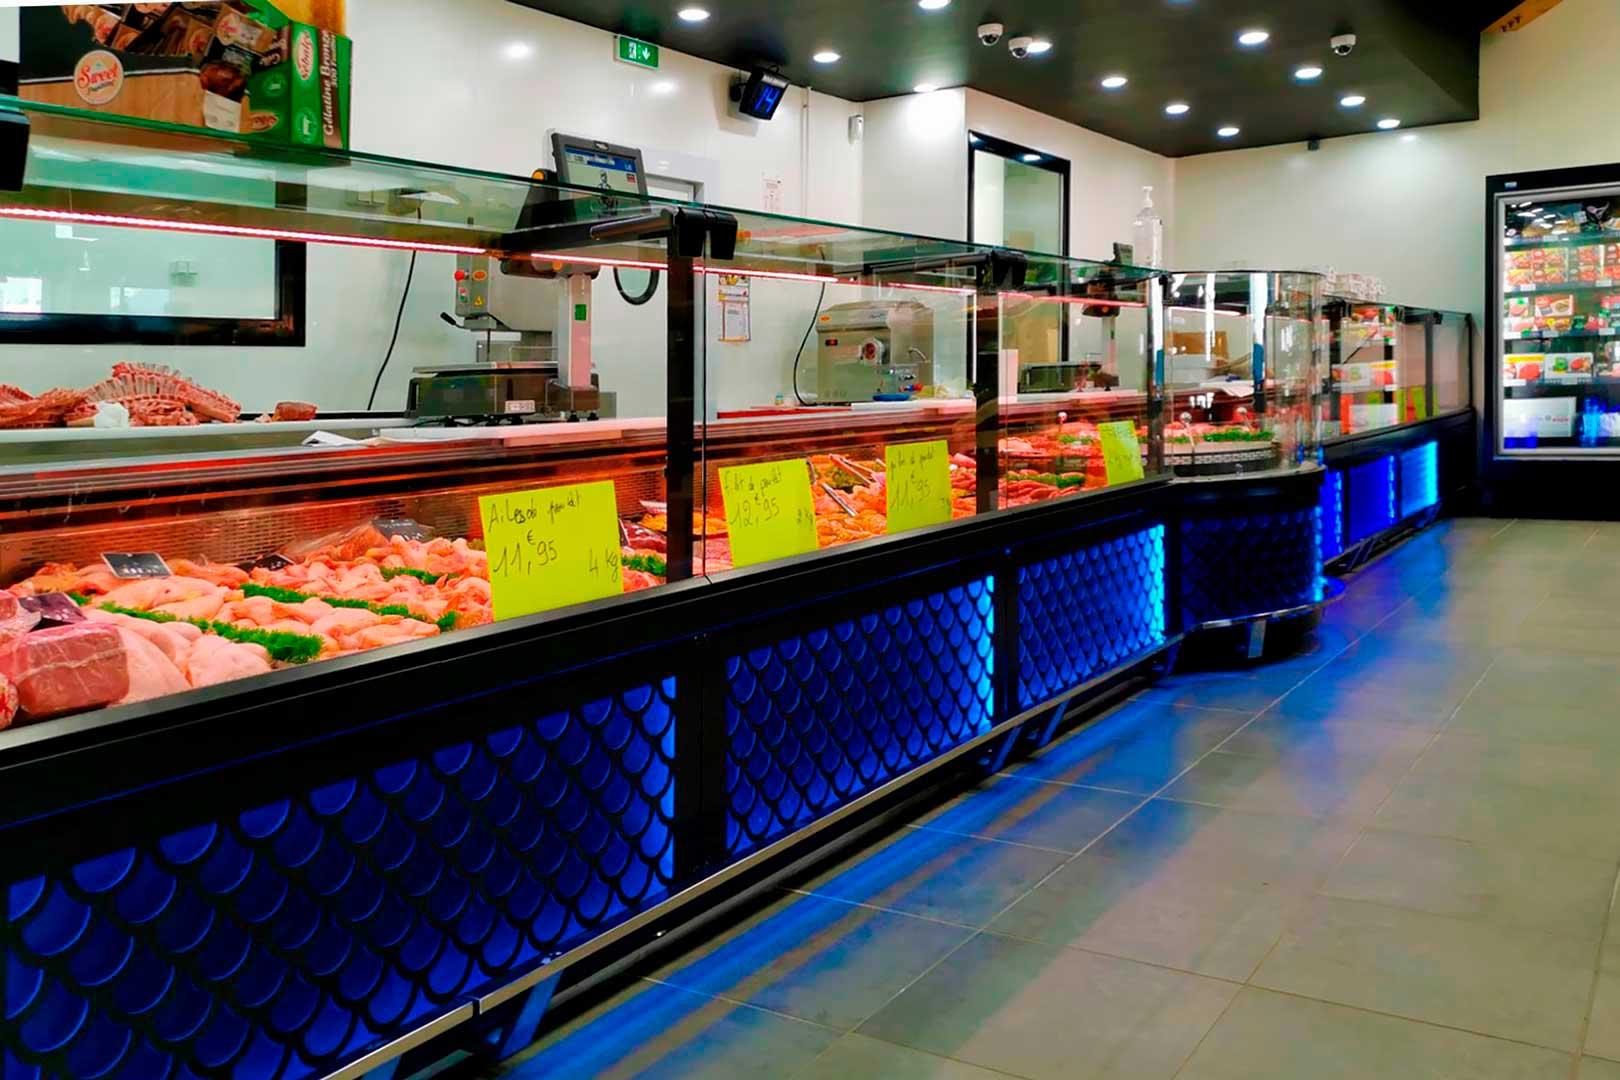 Холодильные витрины Missouri MC 120 M, магазин PYRAMIDE во Франции